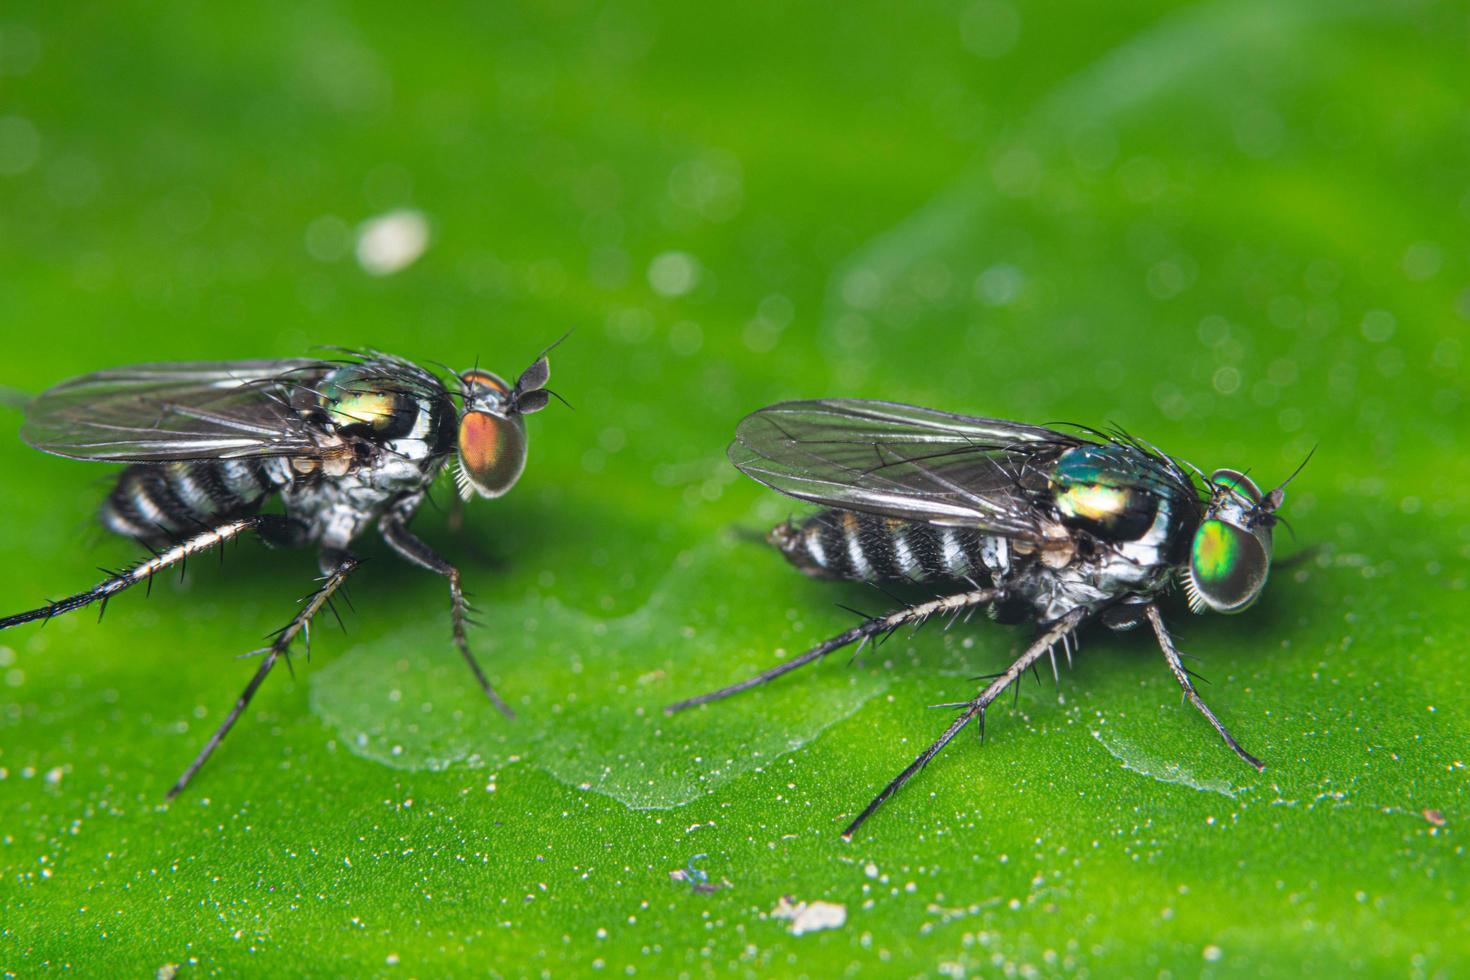 moscas en hoja verde foto